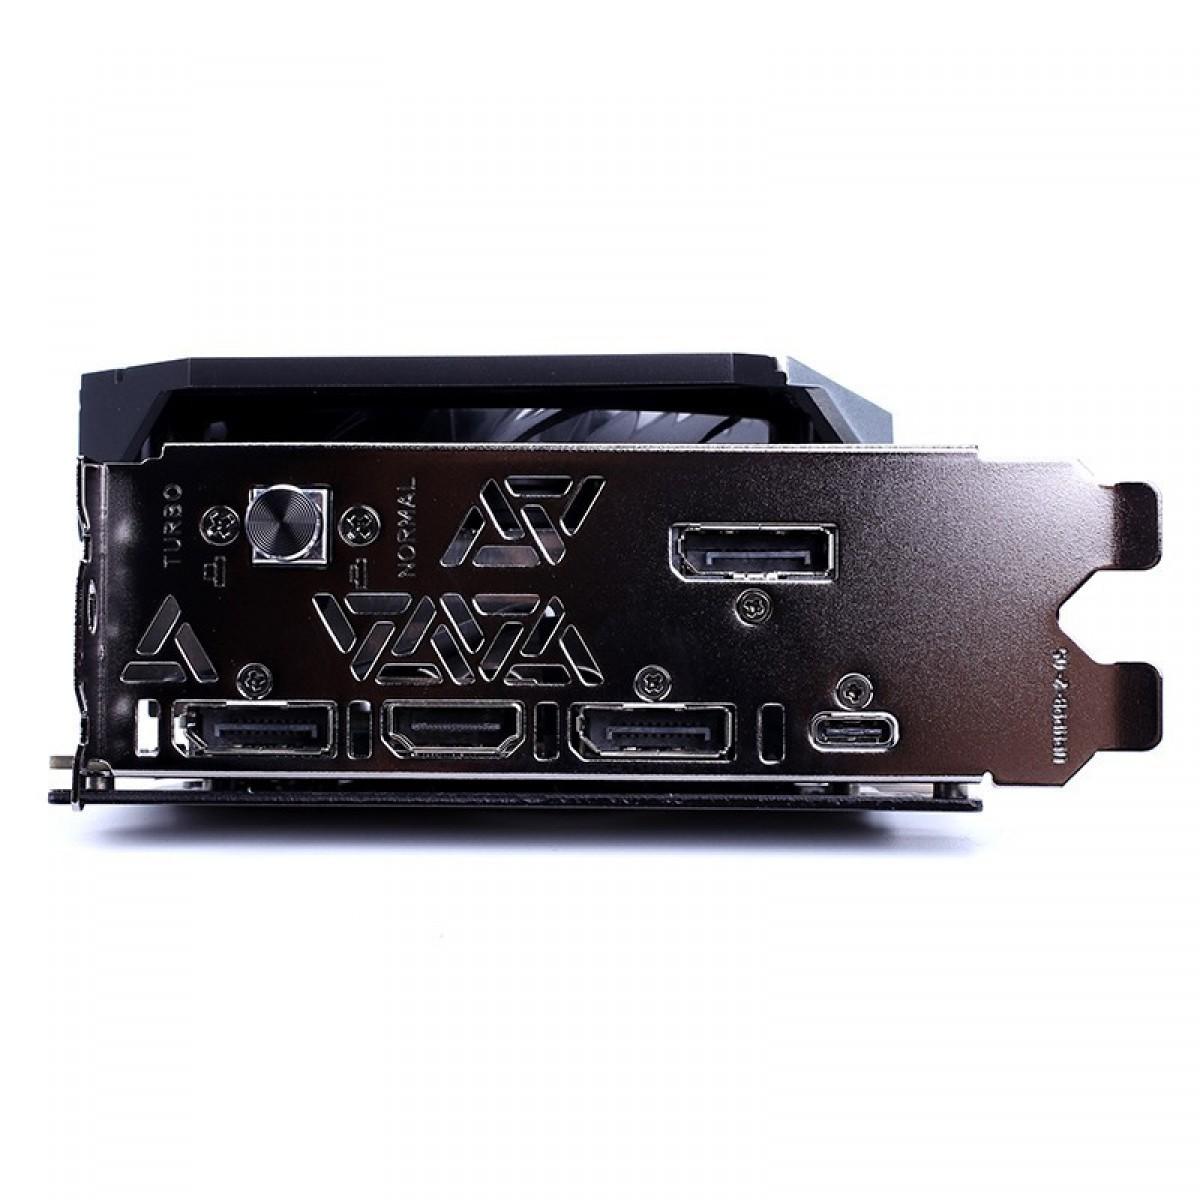 Placa de Vídeo Colorful iGame Geforce RTX 2060 OC-V 6GB GDDR6 192Bit